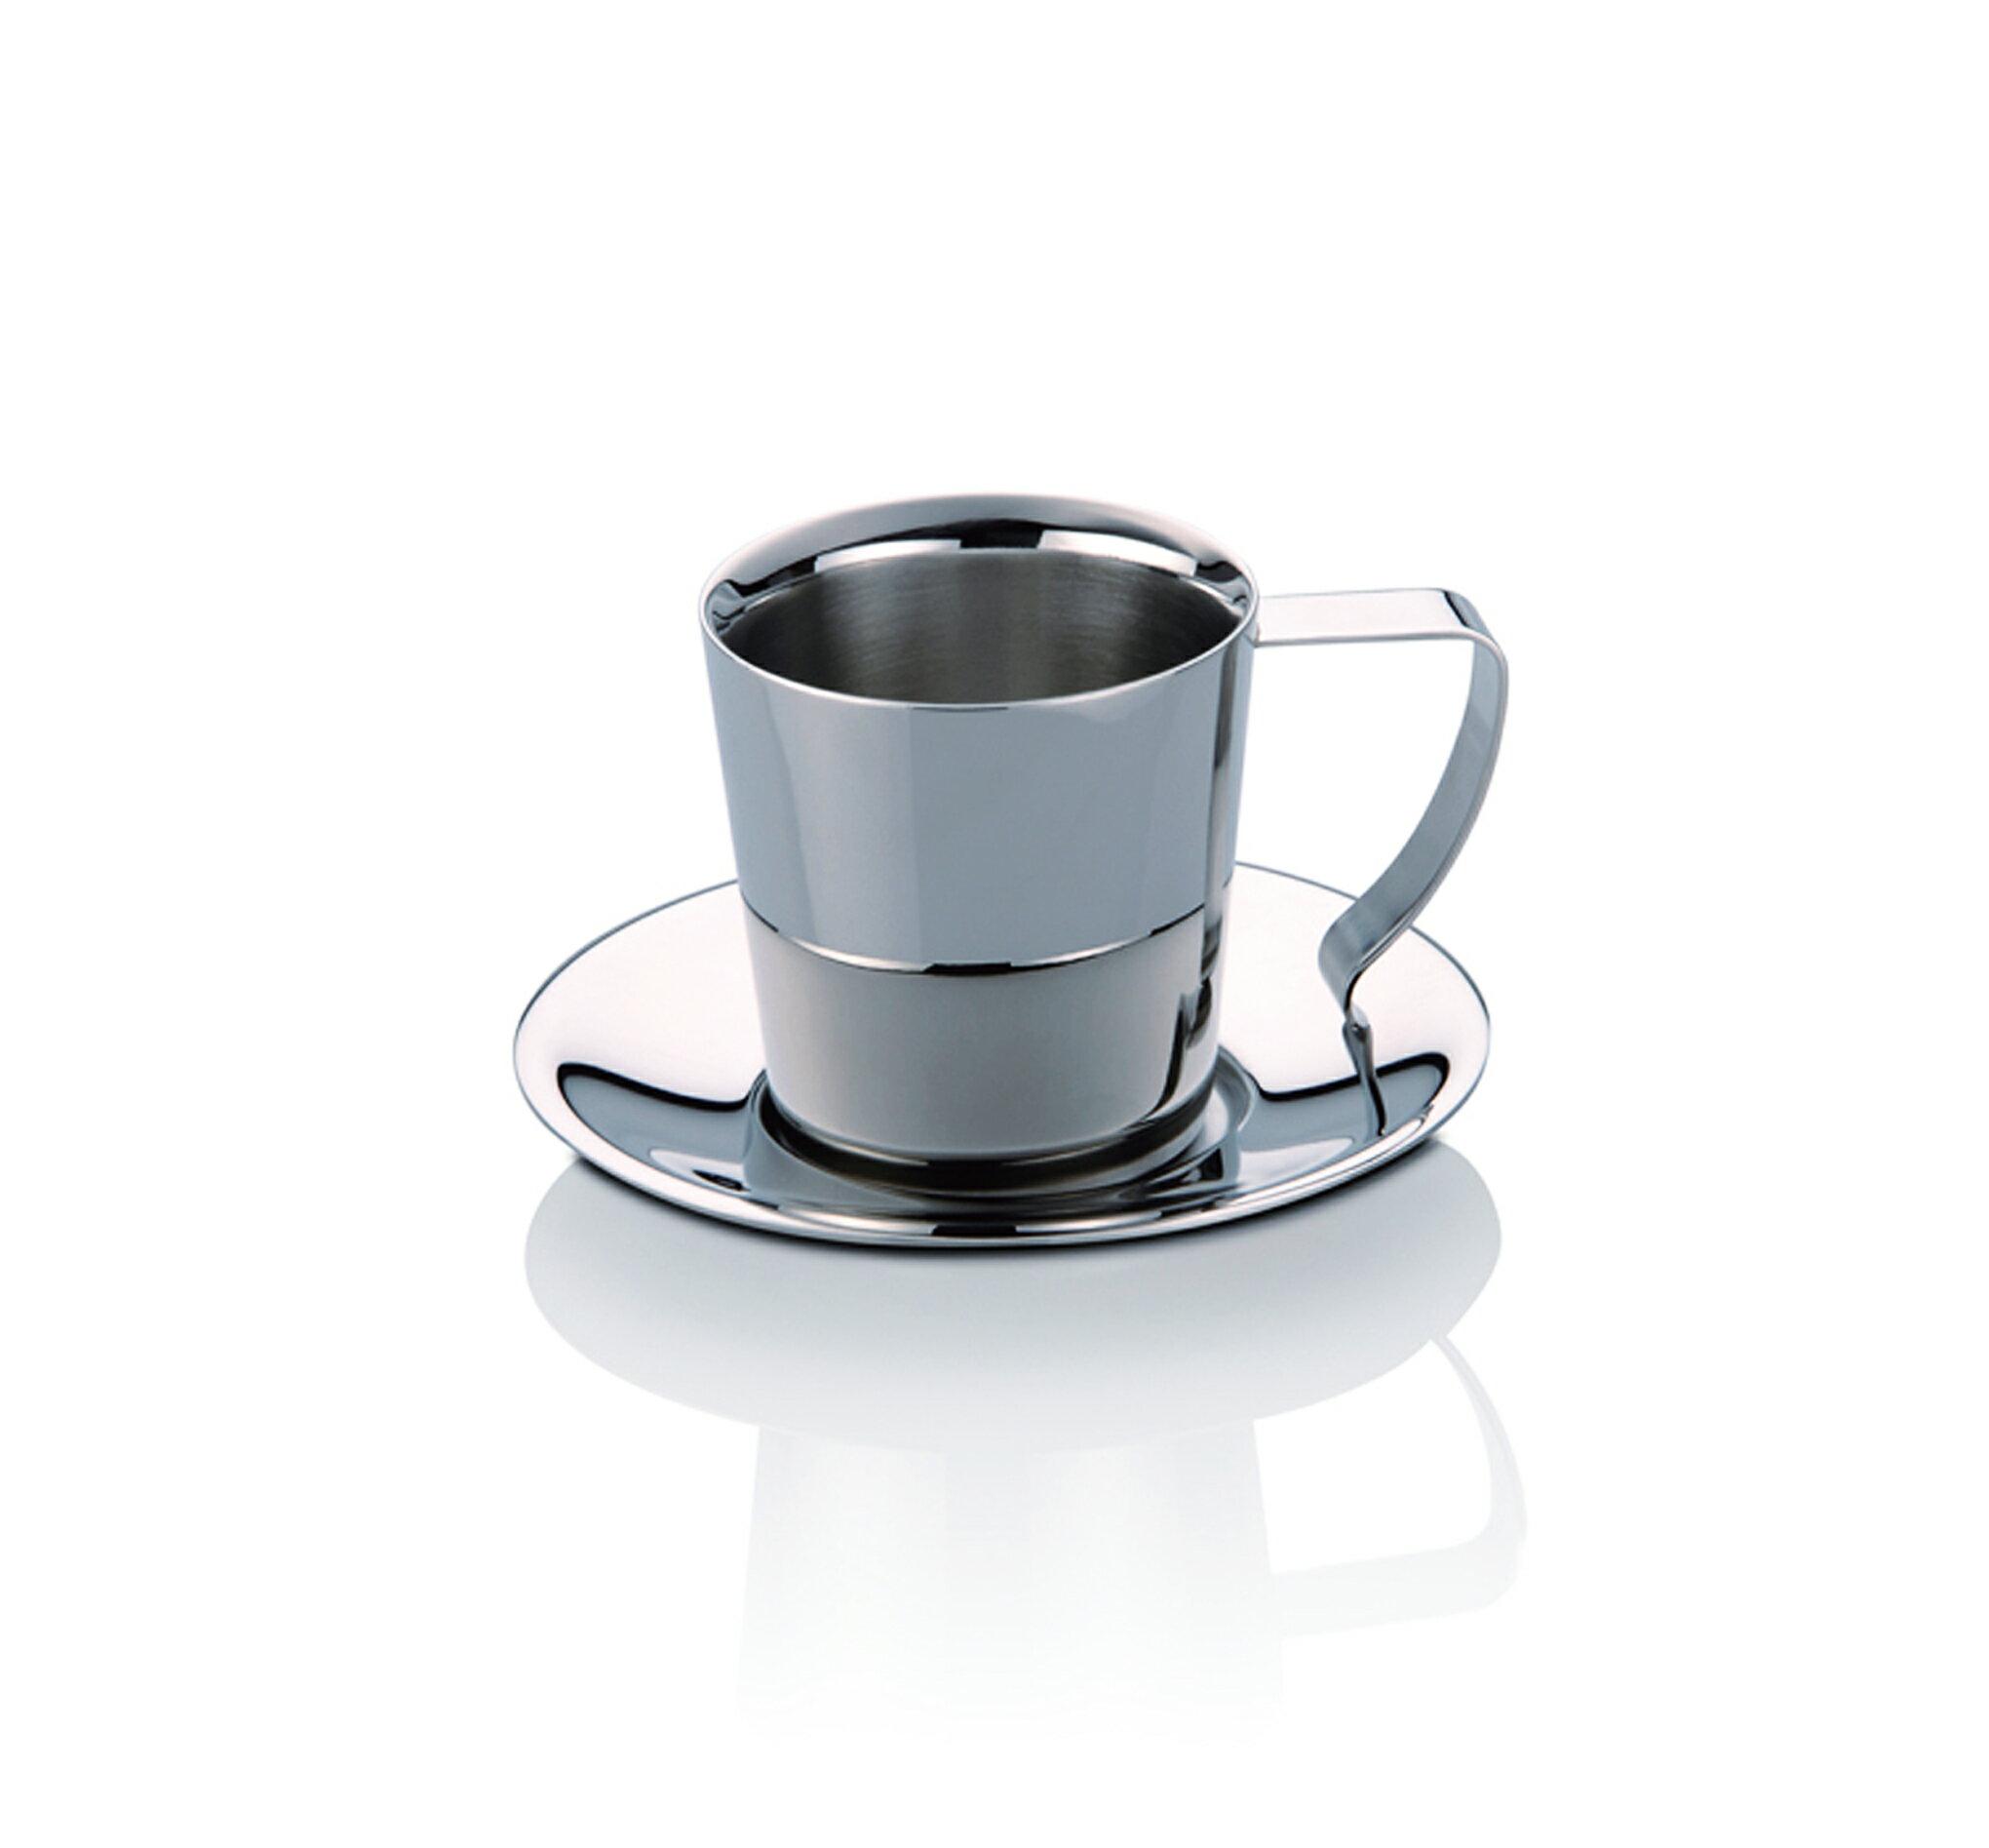 品味咖啡杯 - 限時優惠好康折扣